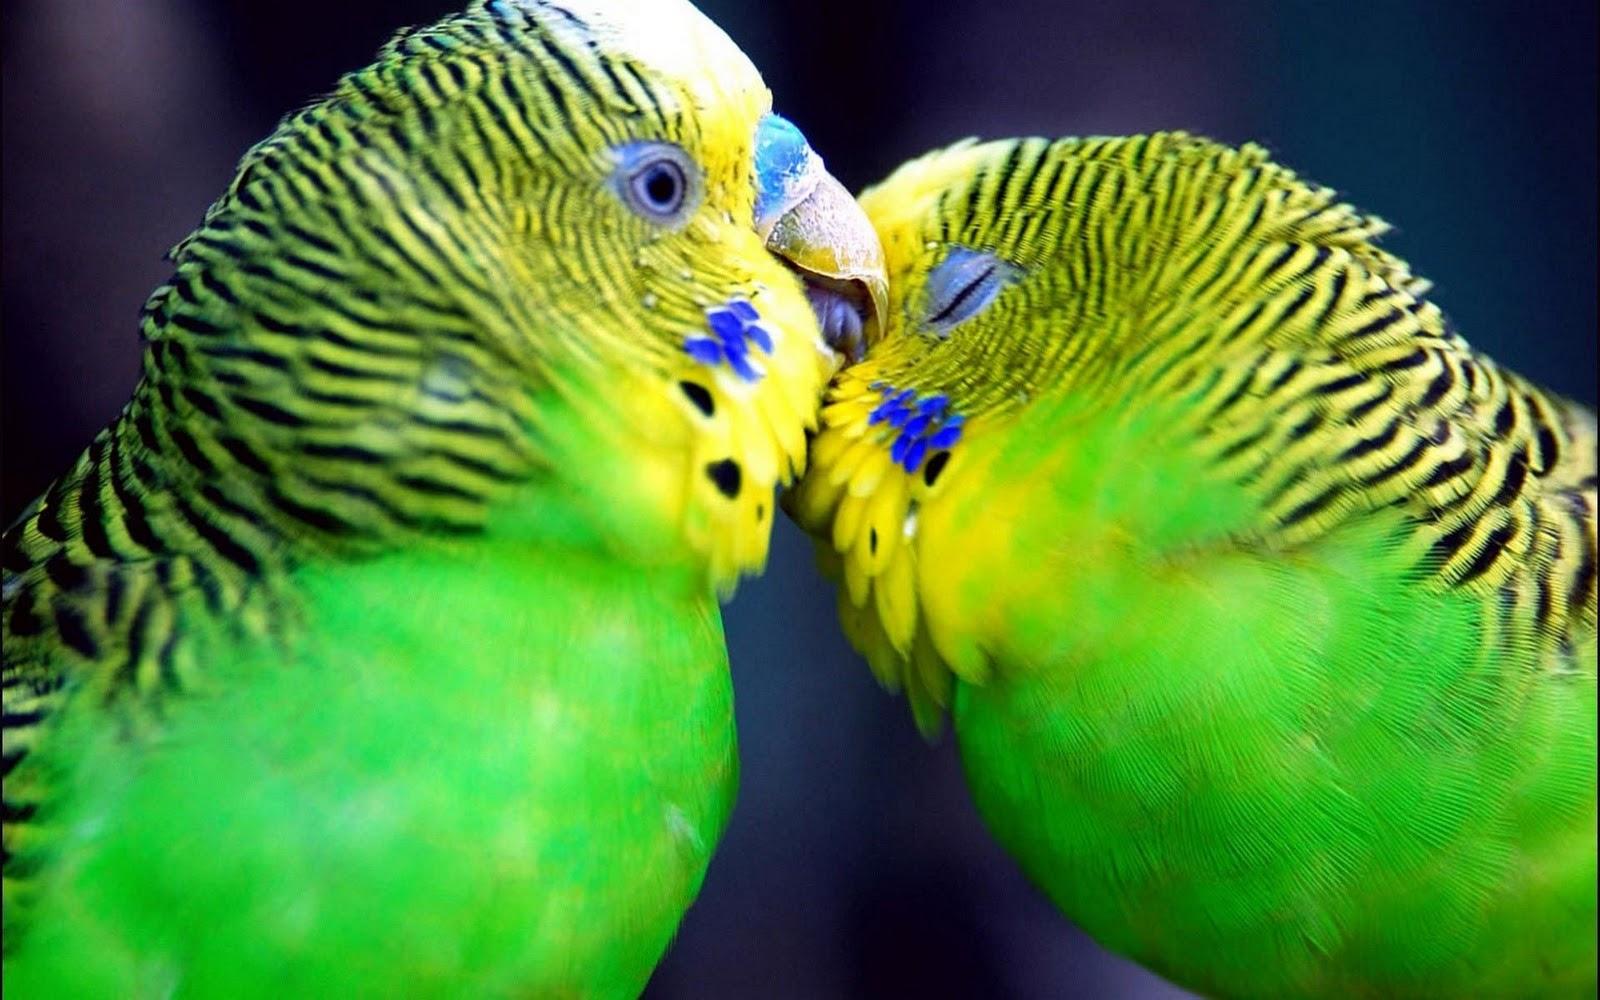 Wallpaper Gallery Love Bird Wallpaper: PicturesPool: Love Birds Wallpapers